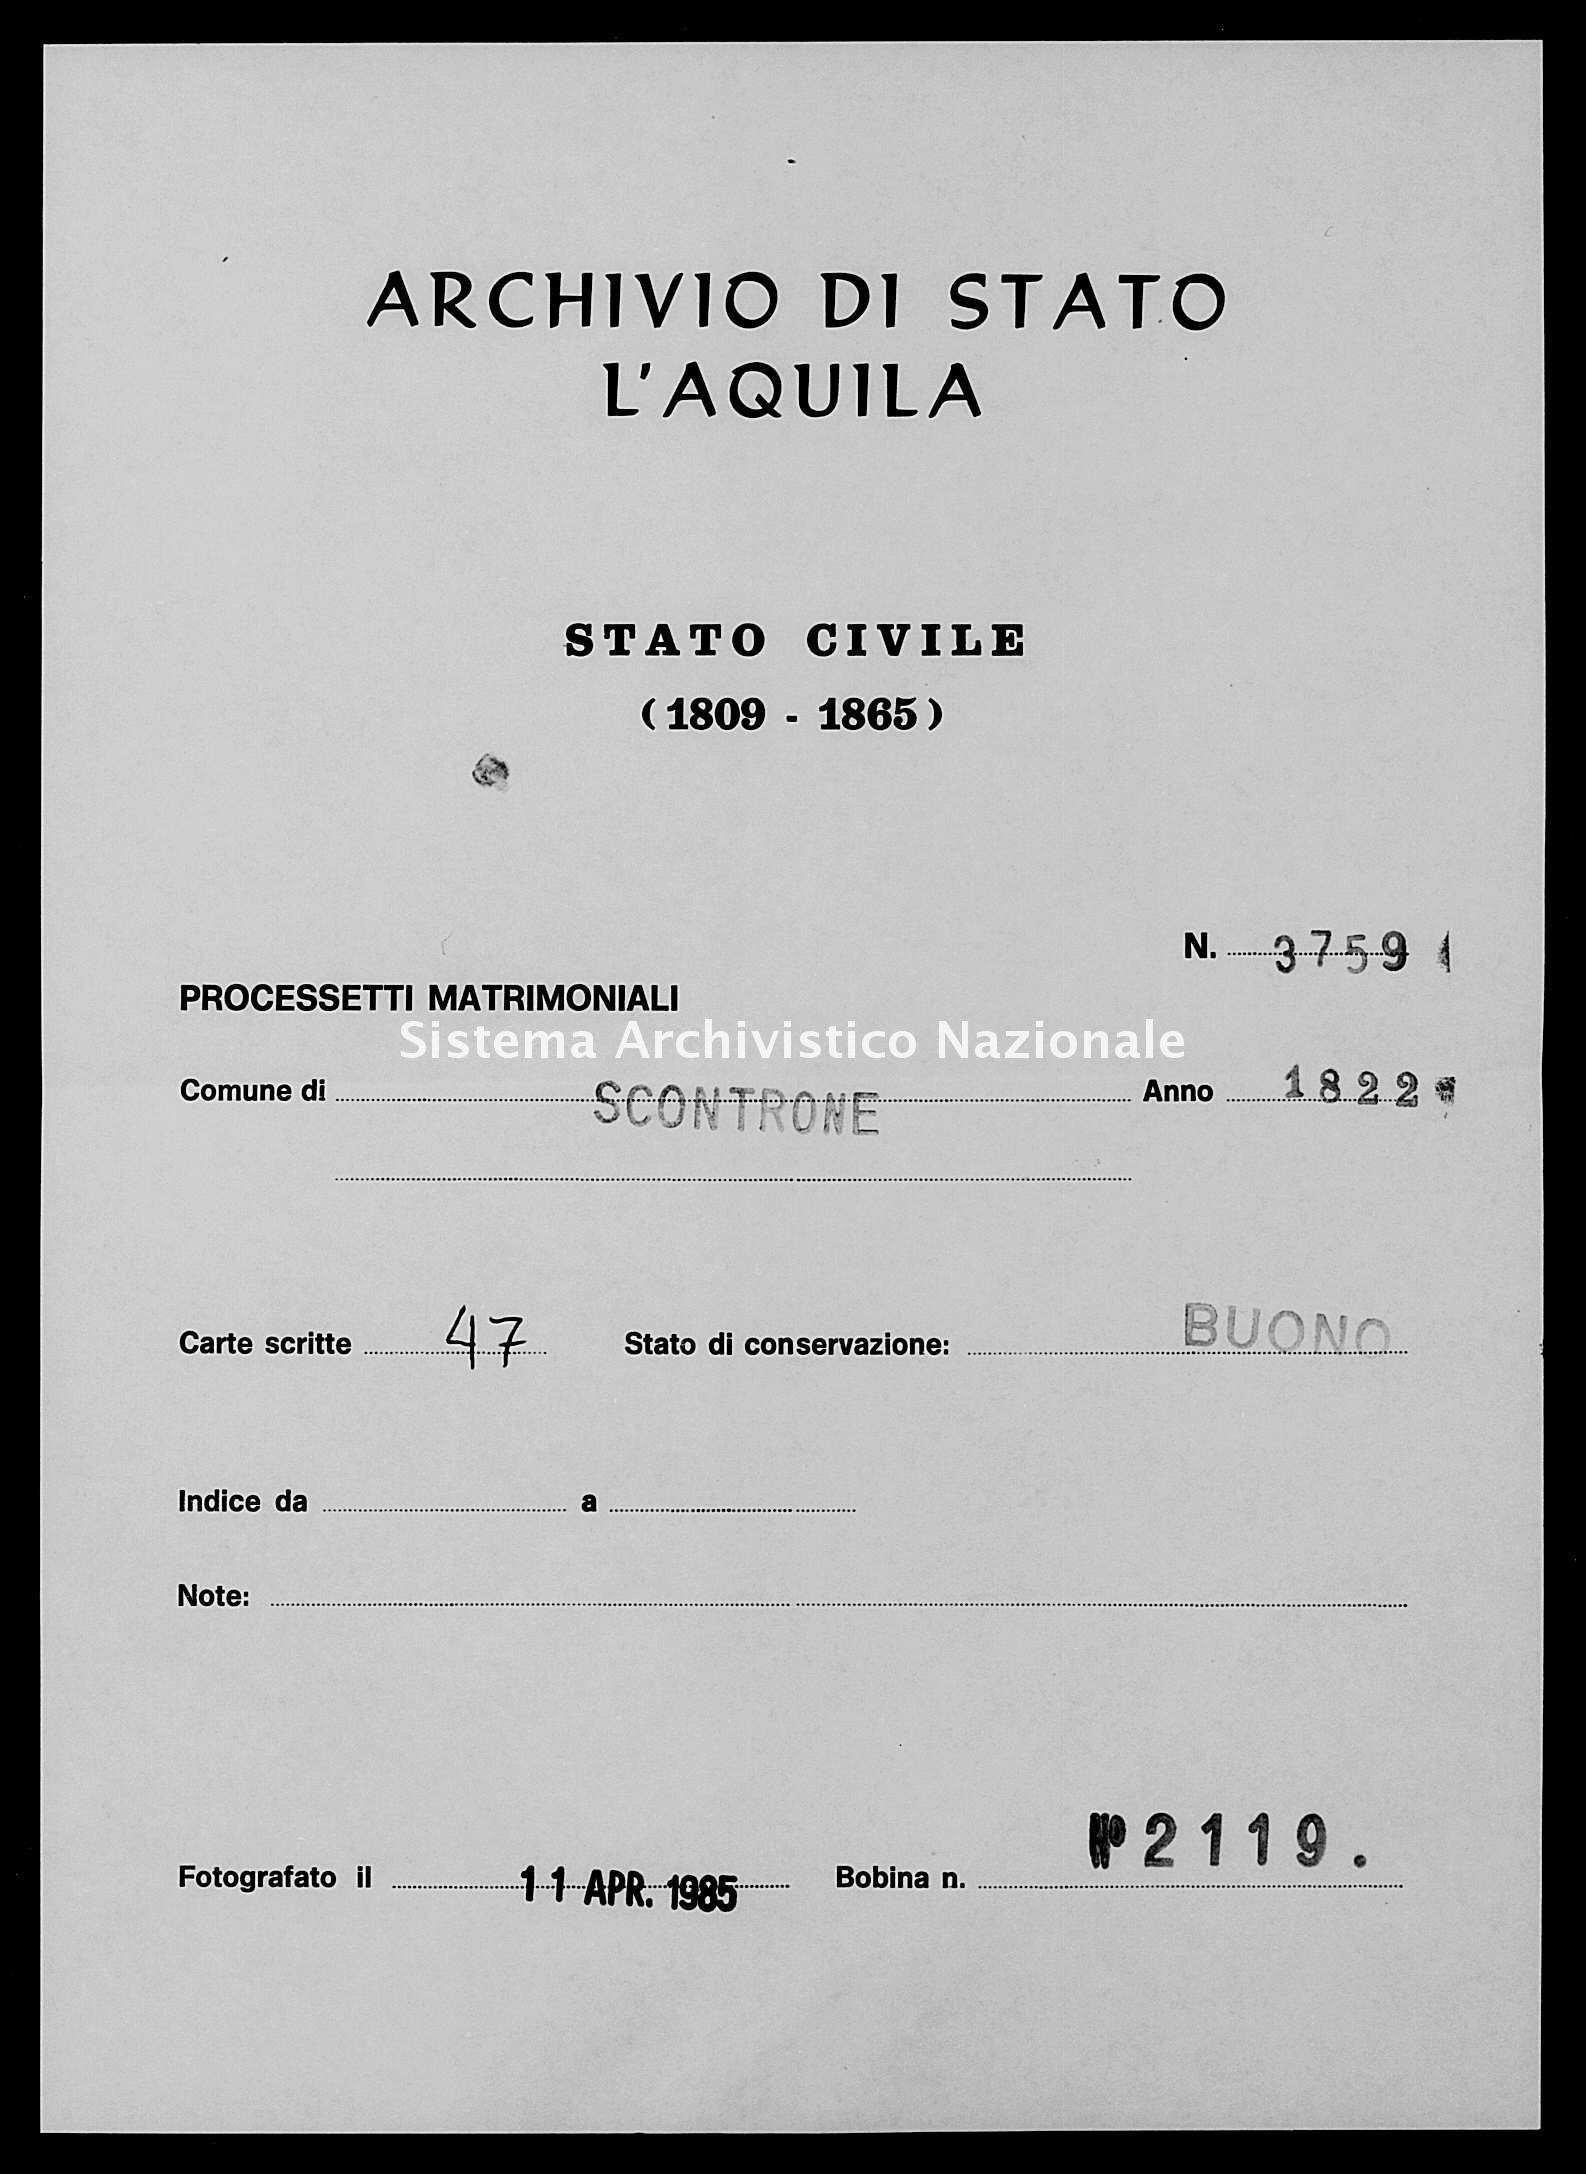 Archivio di stato di L'aquila - Stato civile della restaurazione - Scontrone - Matrimoni, processetti - 1822 - 3759 -